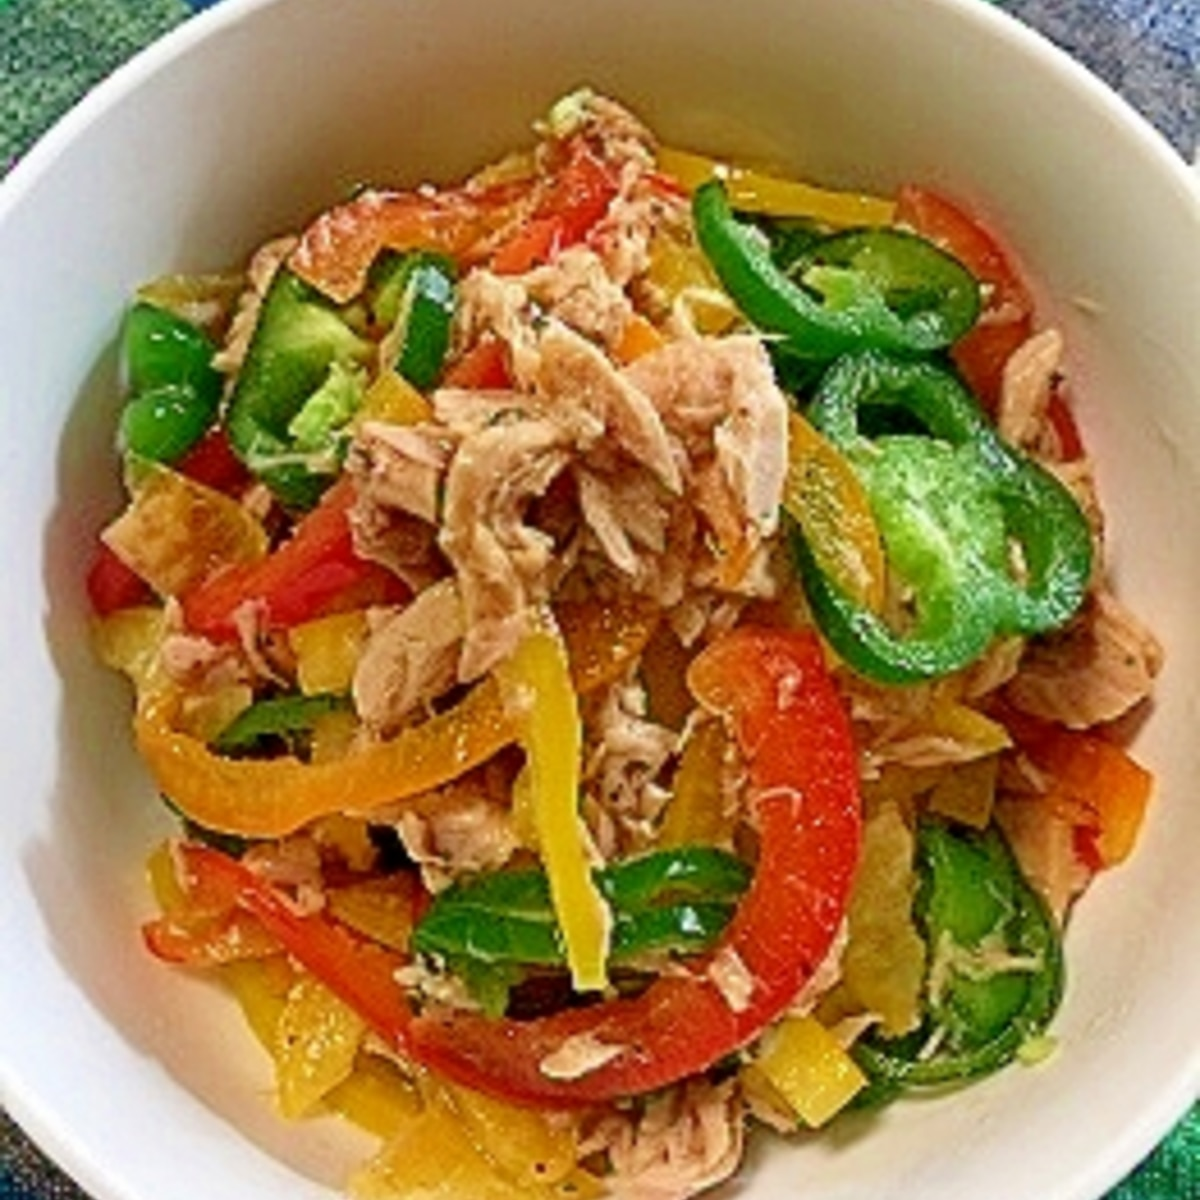 丸 鶏 無限 ピーマン レシピ